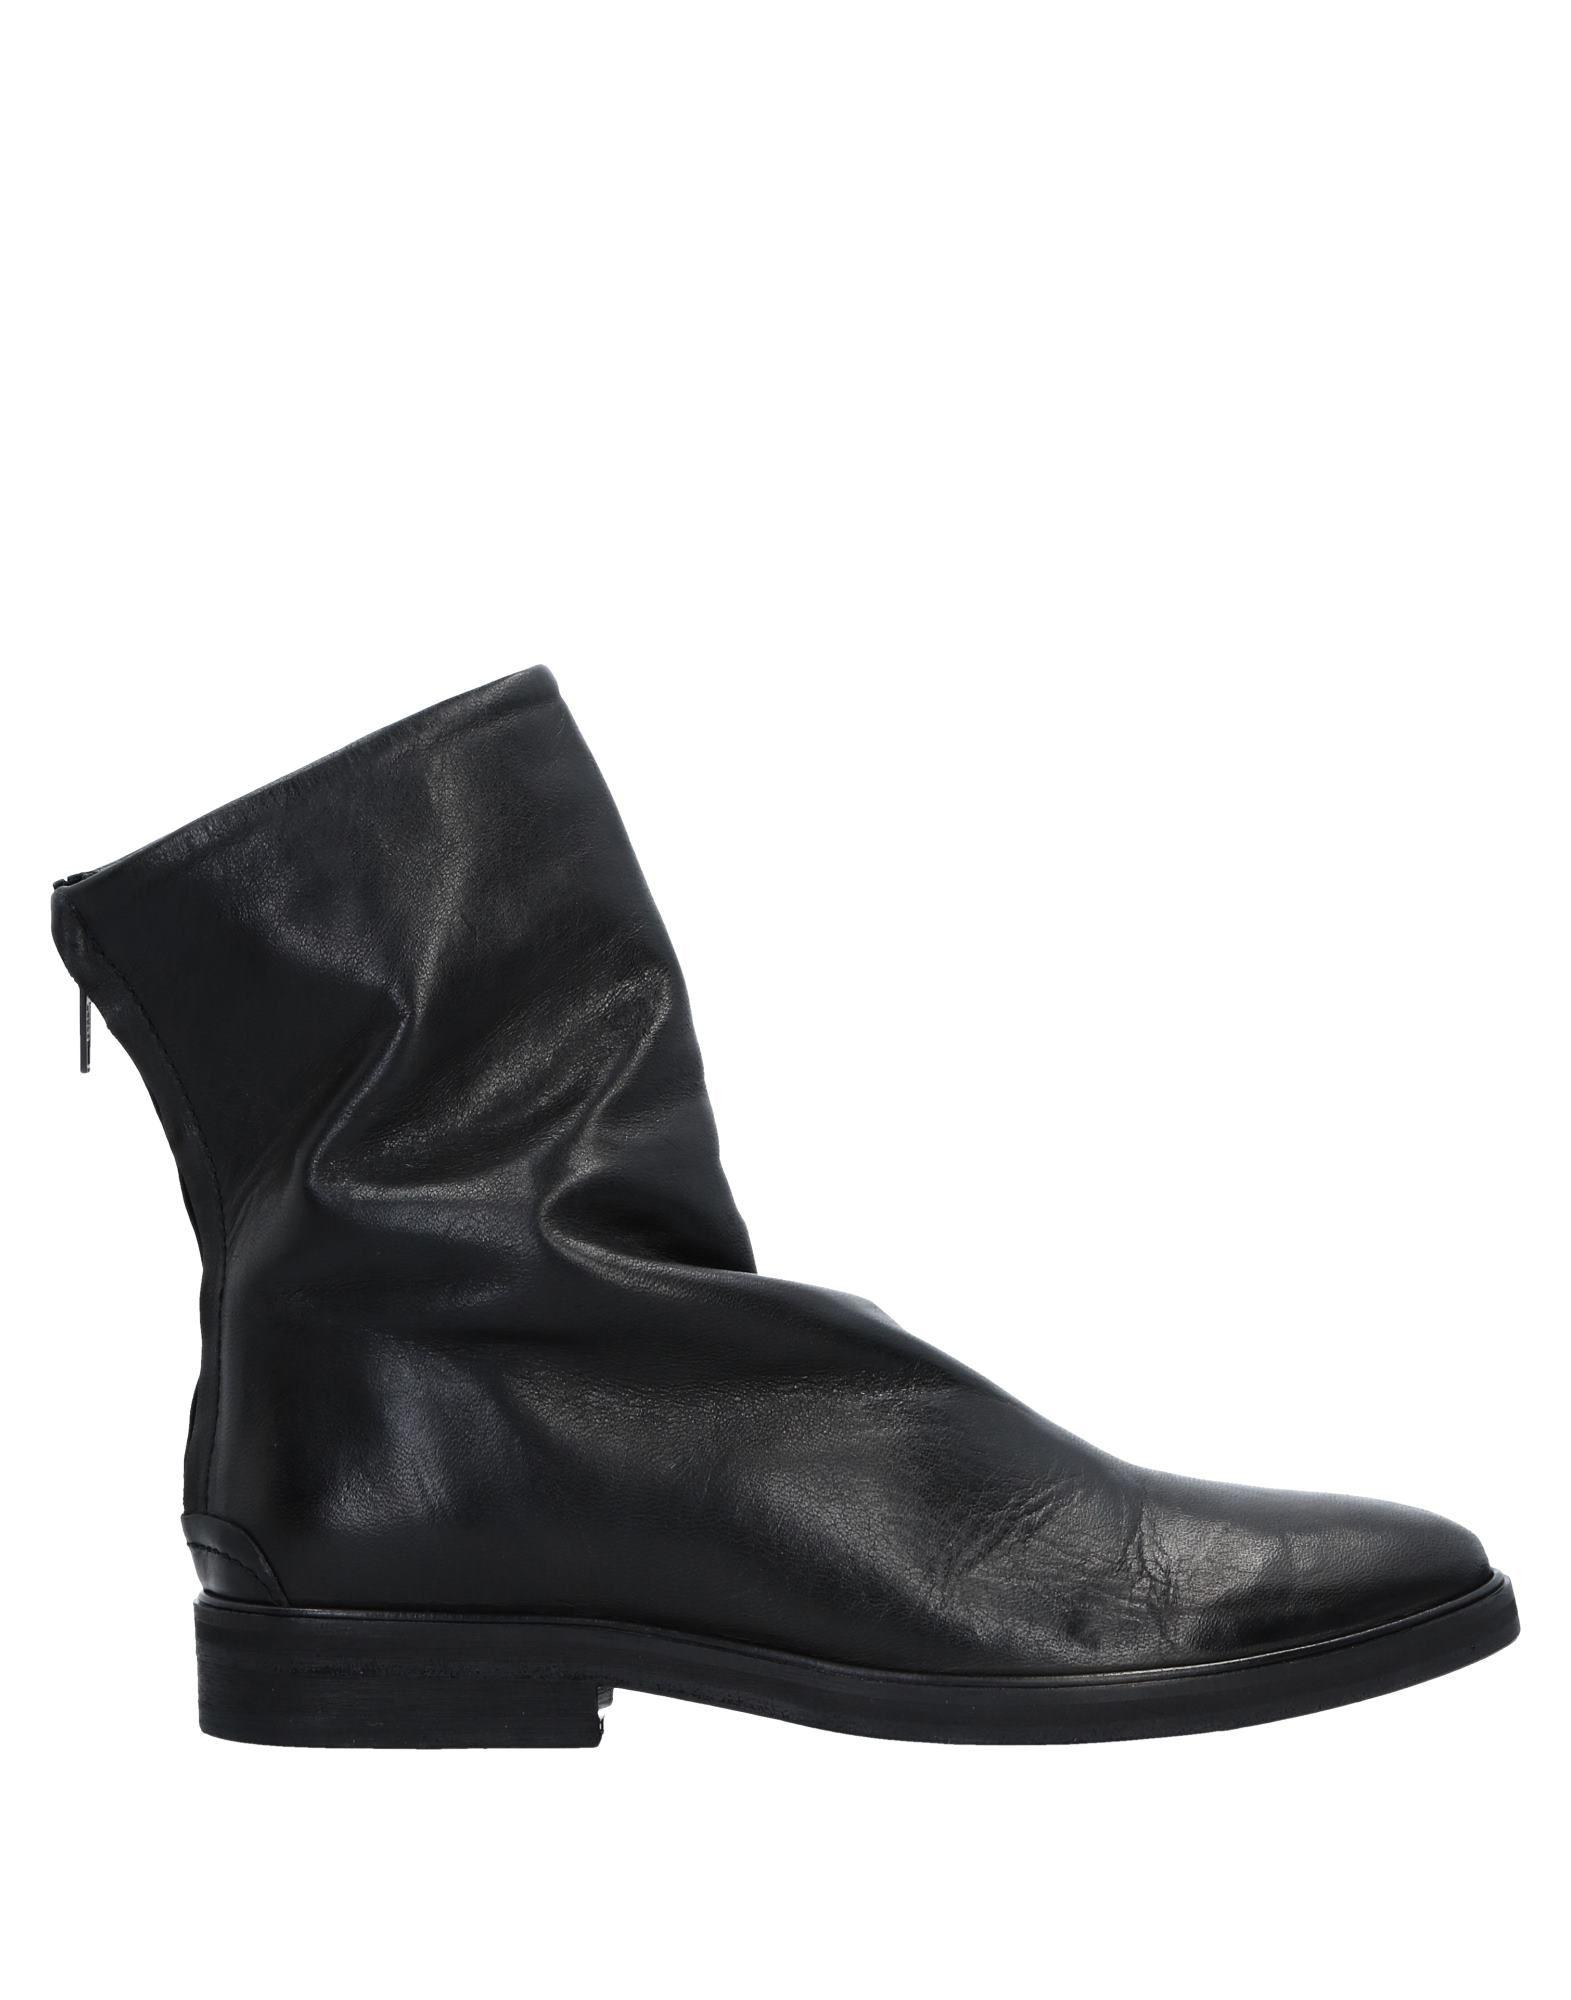 The Last Conspiracy Stiefelette Damen  11535796OSGut aussehende strapazierfähige Schuhe